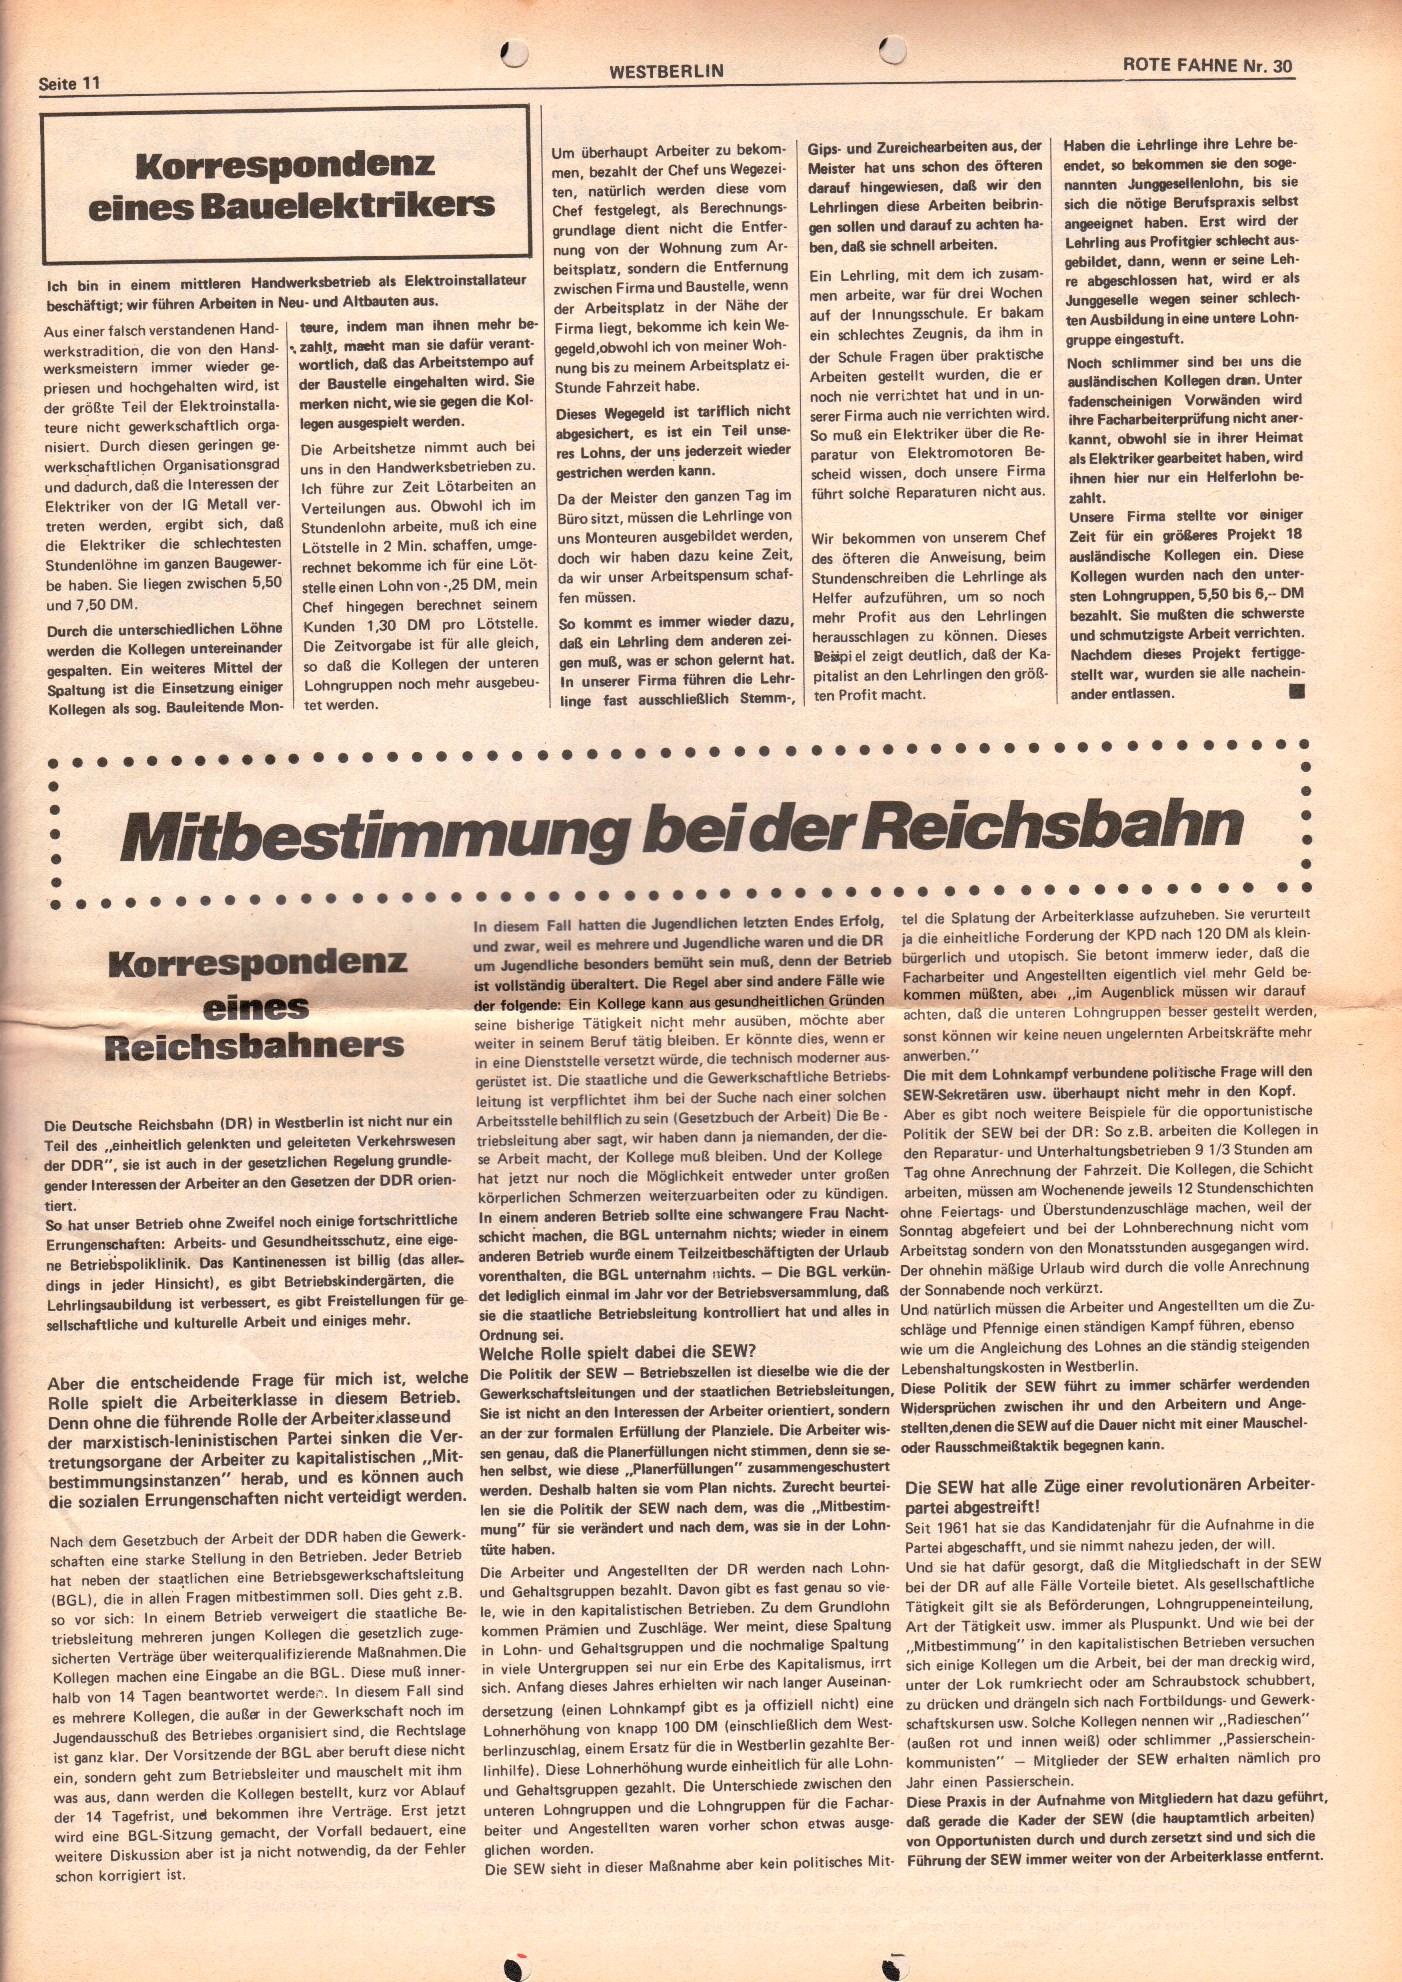 KPD_Rote_Fahne_1971_30_11